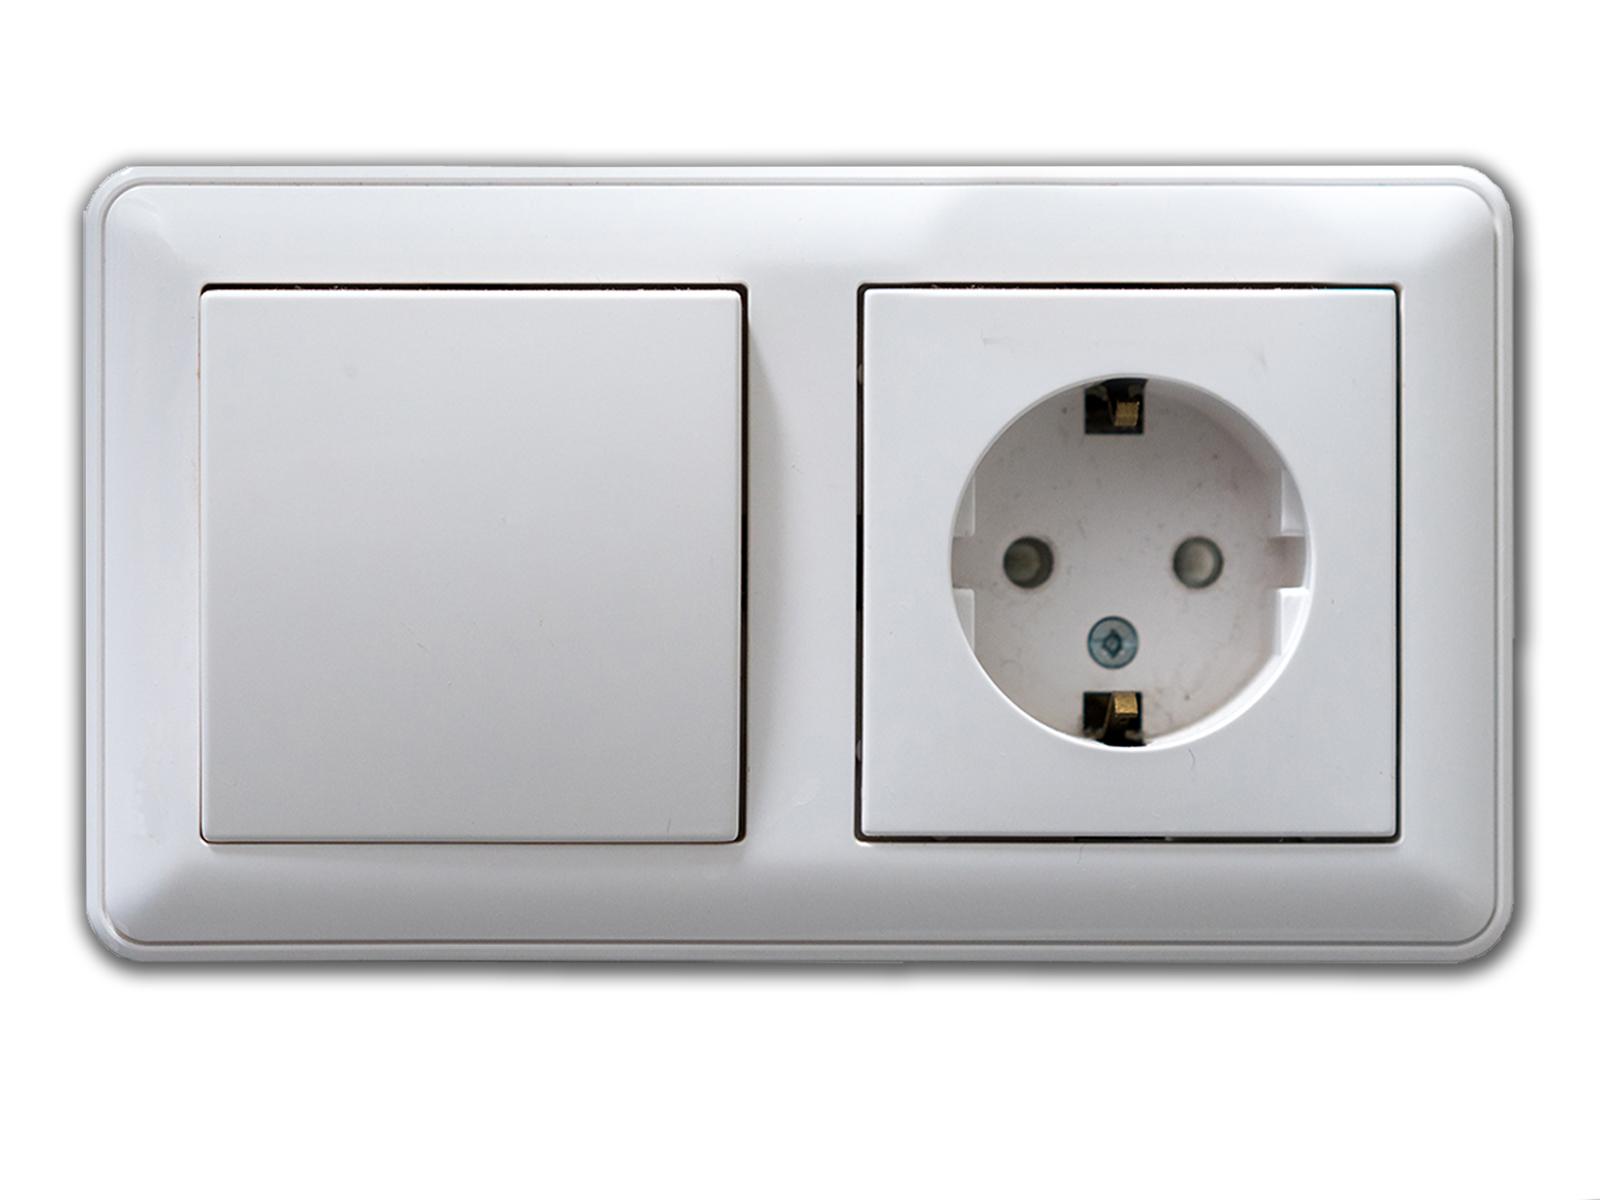 Lichtschalter Steckdose Kombi Aufkleber - FUN Fake täuschend echte Optik ca. 8x15,4 cm